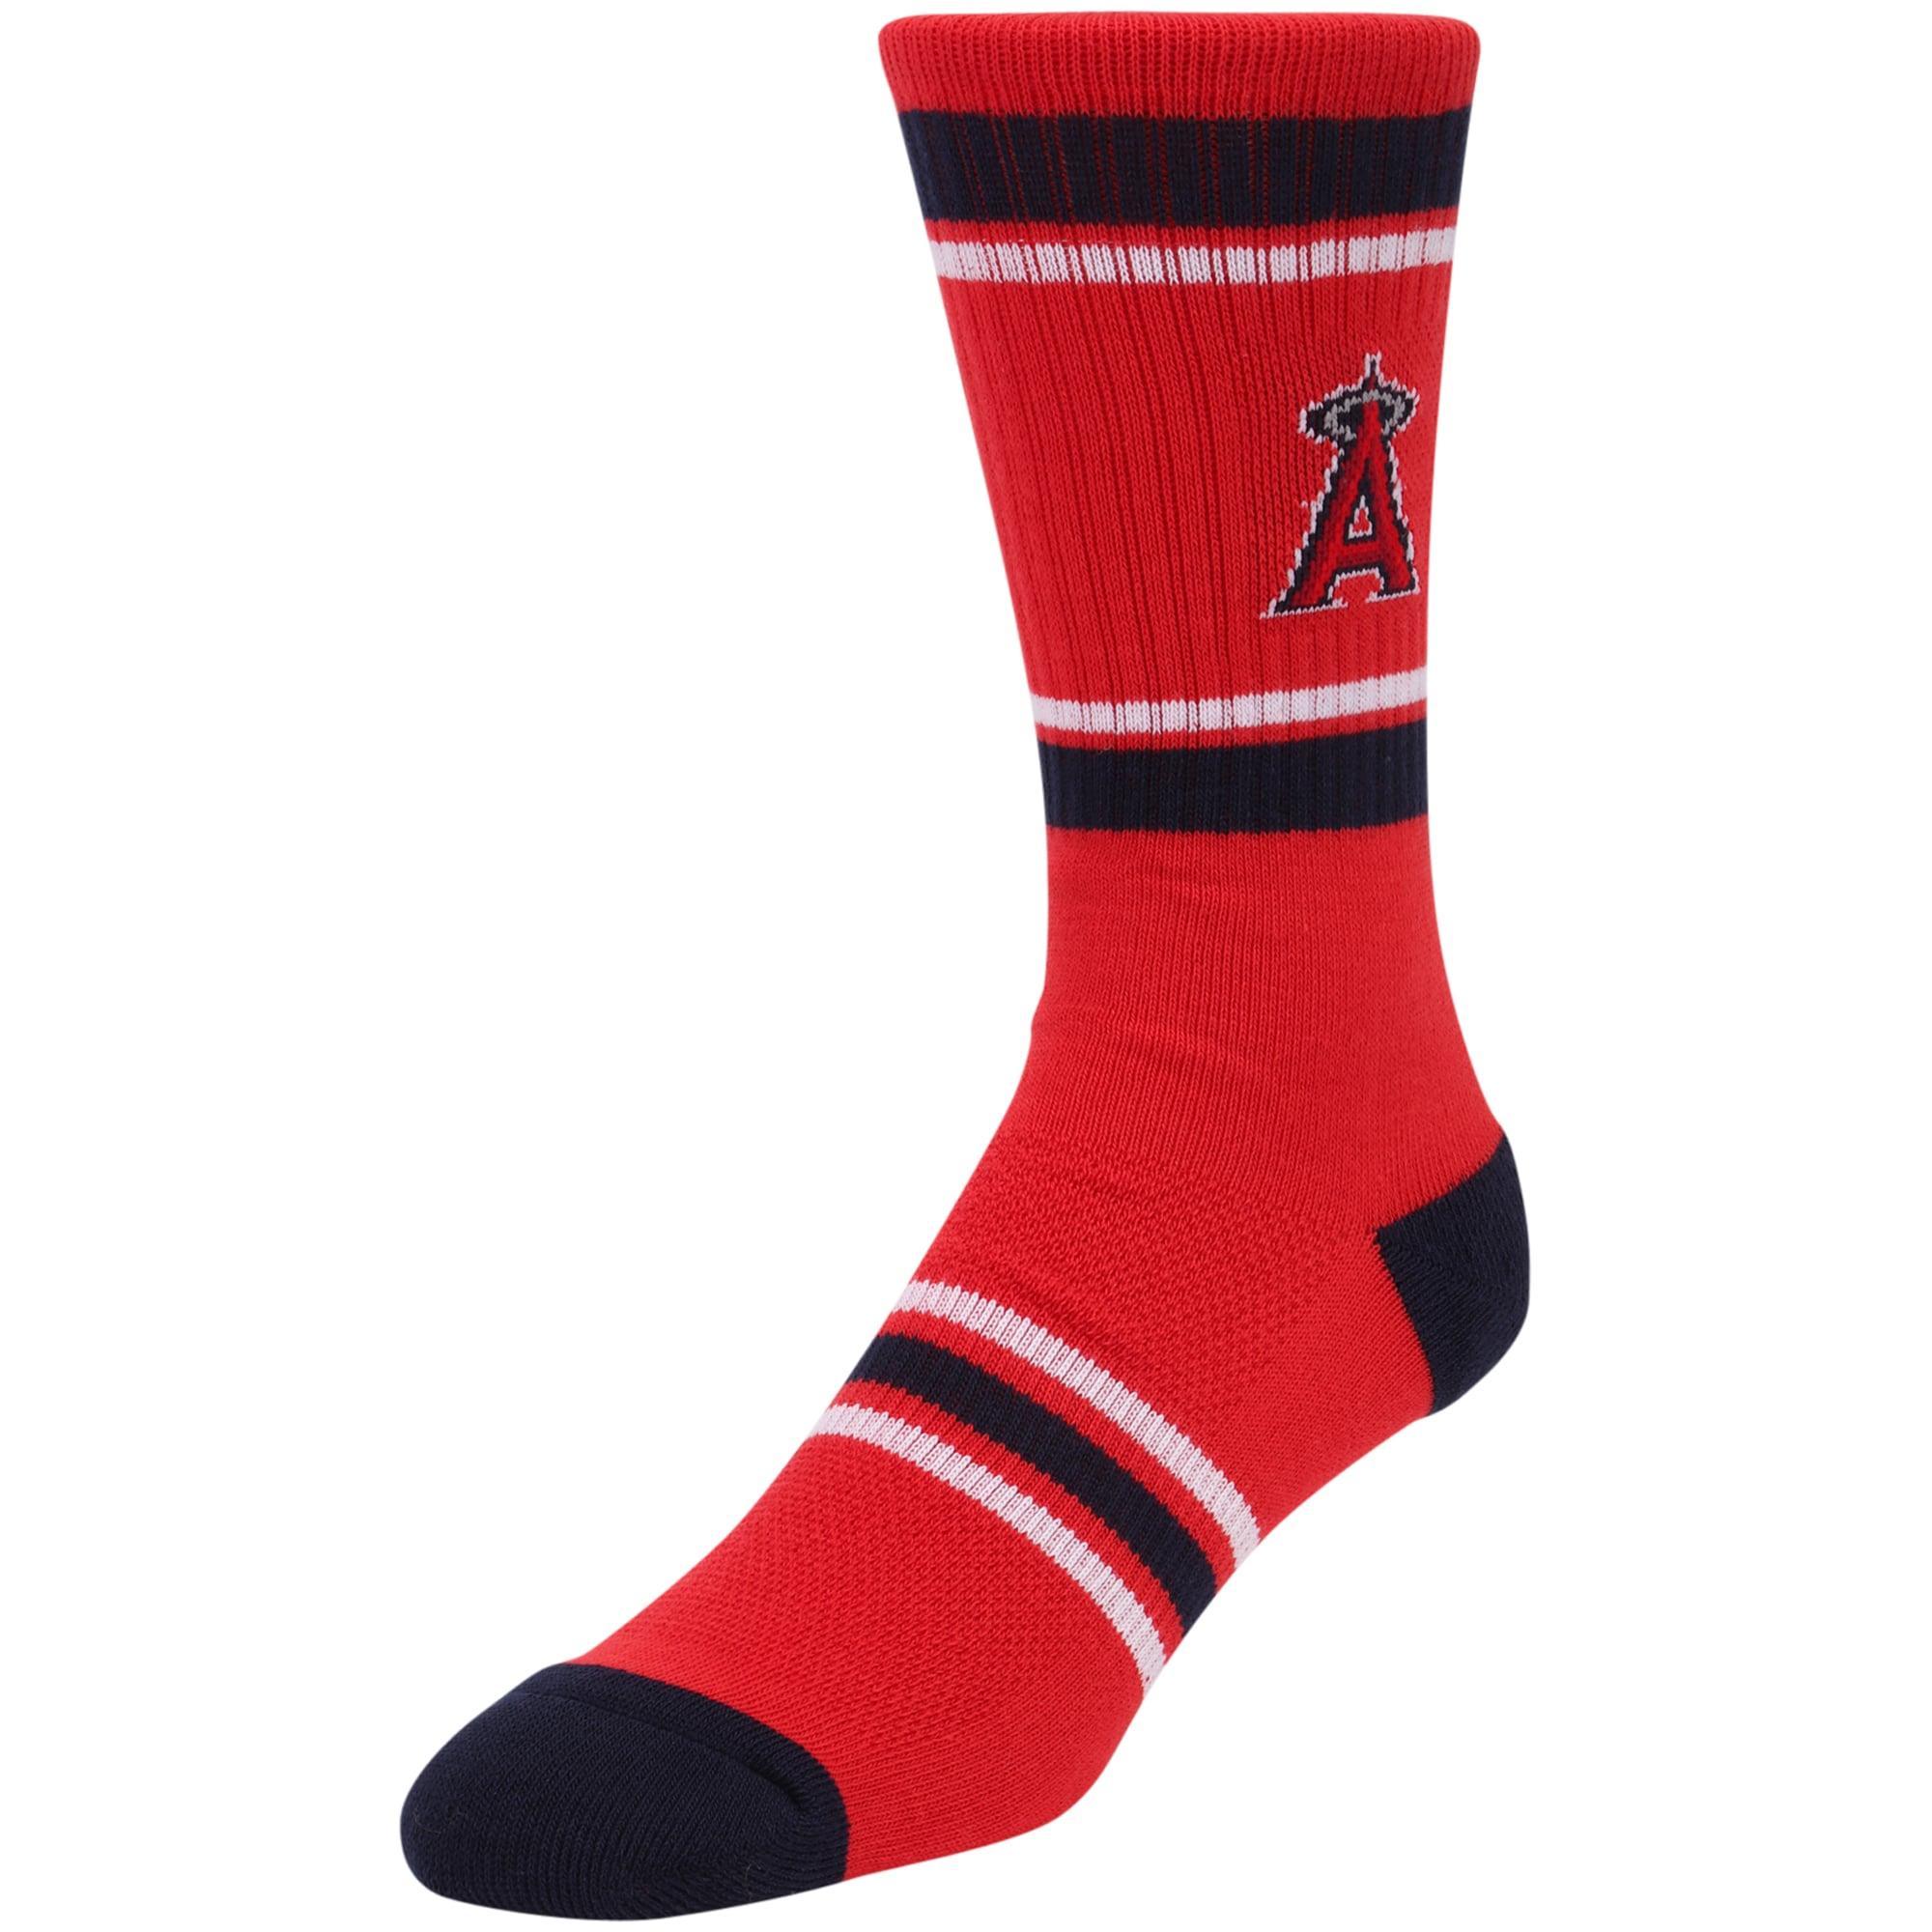 Los Angeles Angels Stripe Crew Socks - Red